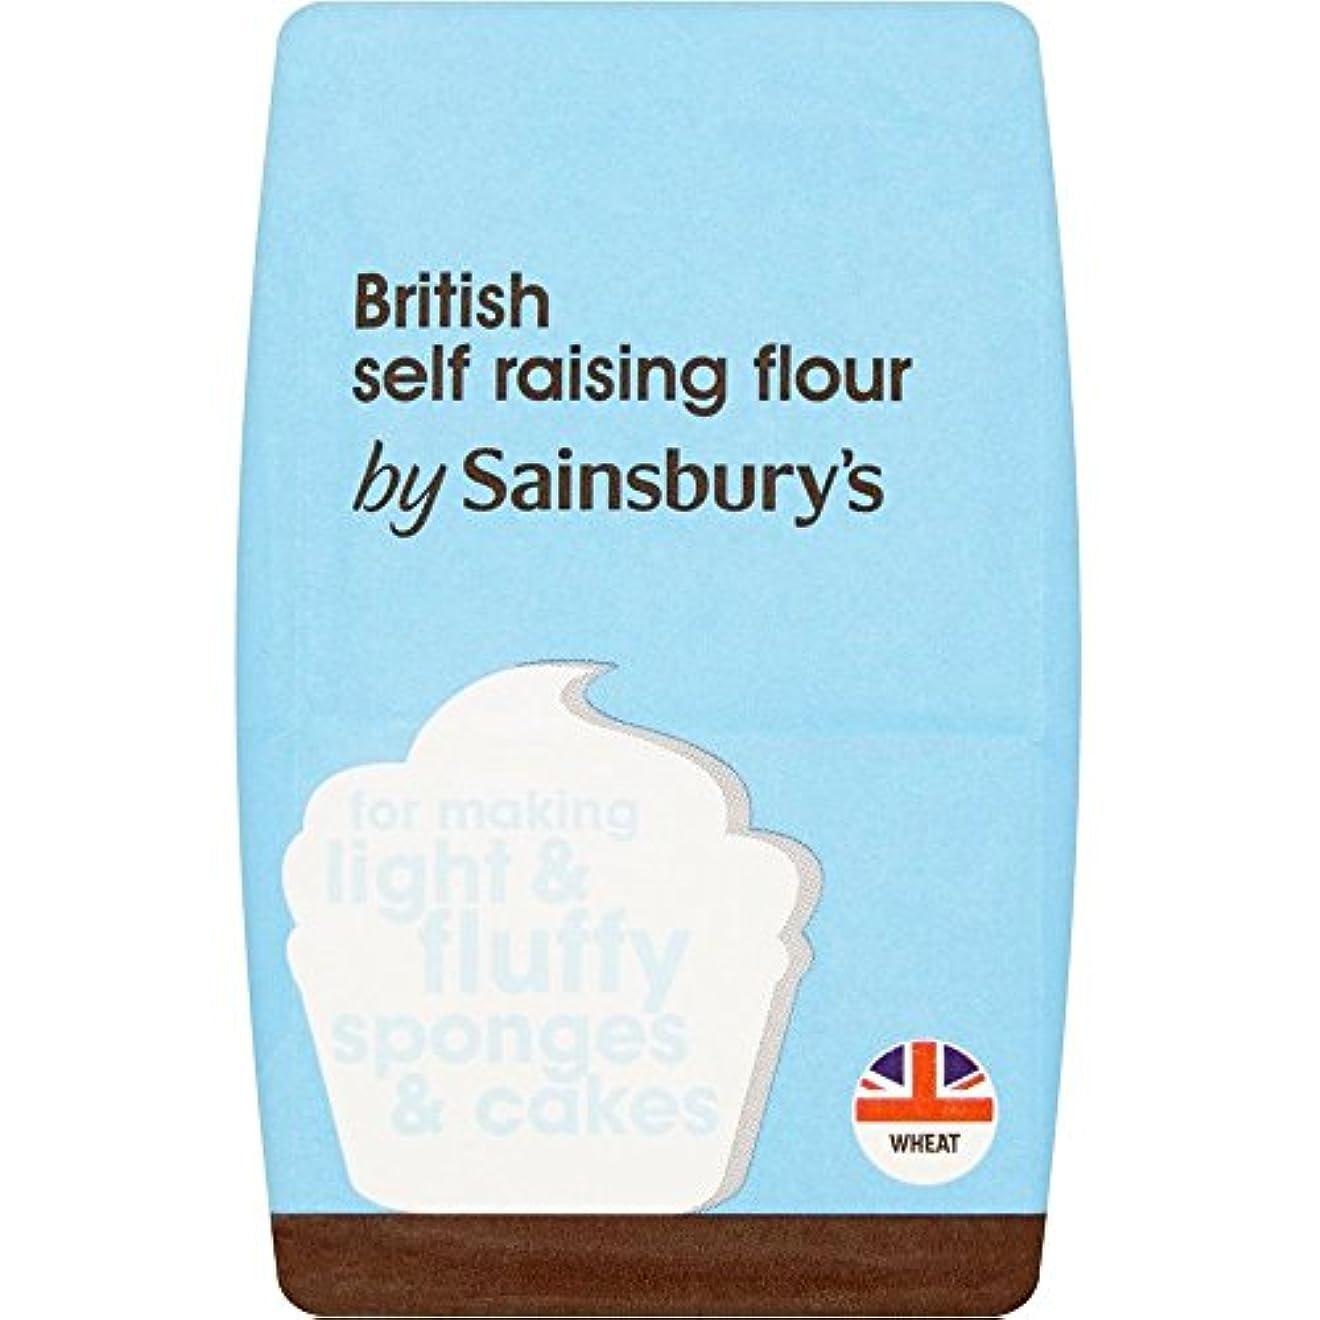 ルート声を出して弱めるSainsbury's Self Raising Flour 500g - (Sainsbury's) 自己調達小麦粉500グラム [並行輸入品]